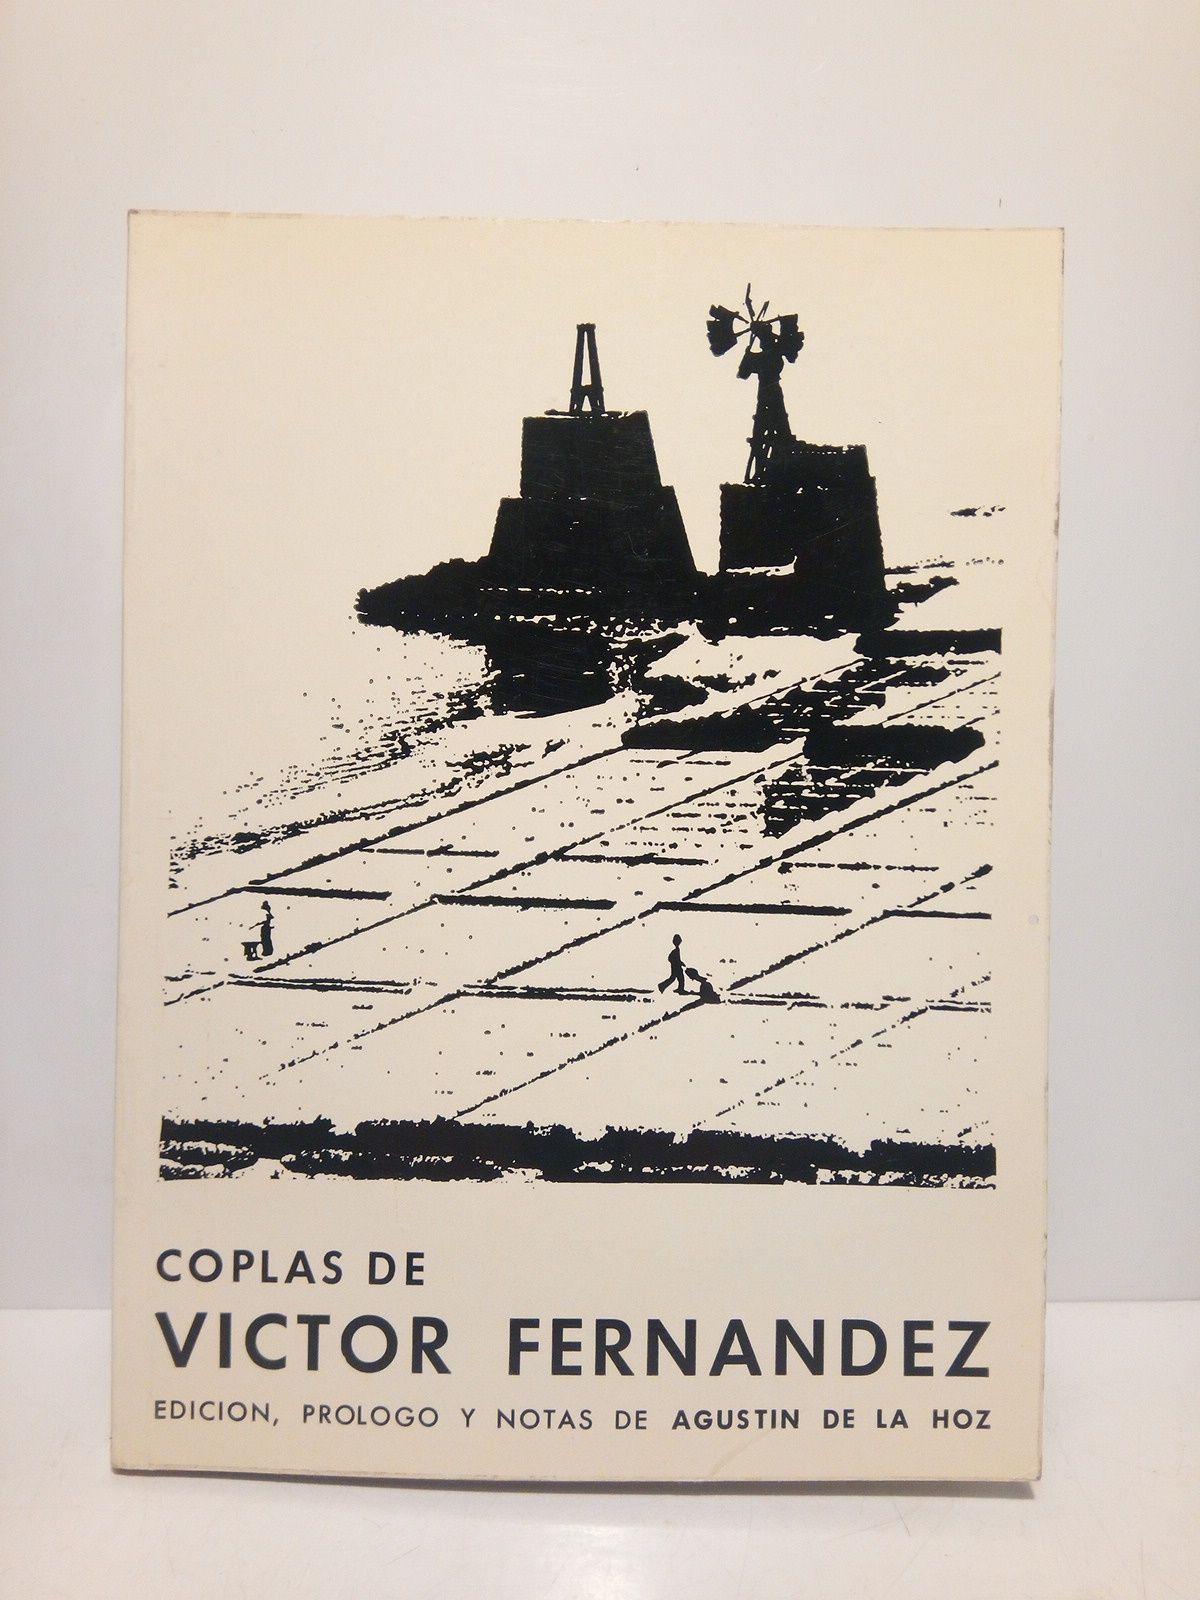 Coplas de Víctor Fernández / Edición, prólogo y notas de Agustín de la Hoz - FERNANDEZ, Víctor